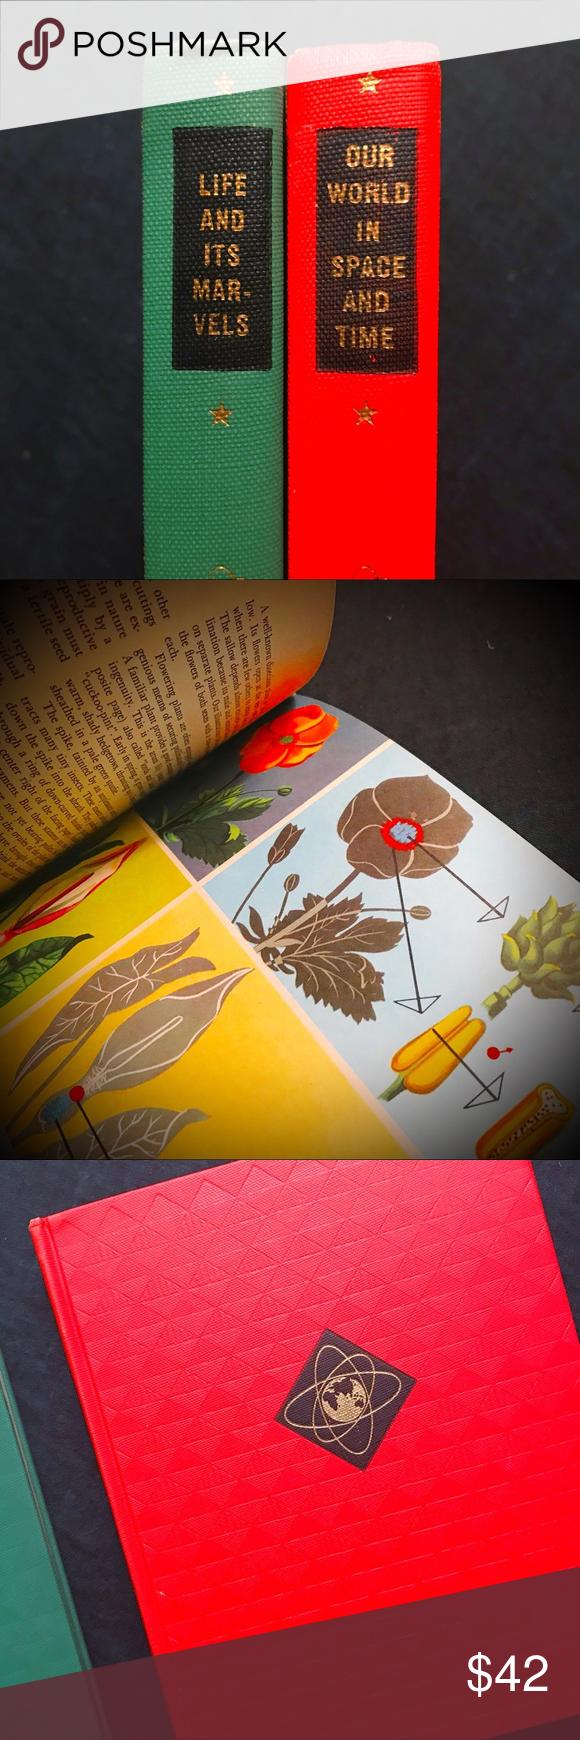 1960 Pub 1st Edition Graphic Earth Sciencebooks Graphic Book Pub Coffee Table Books